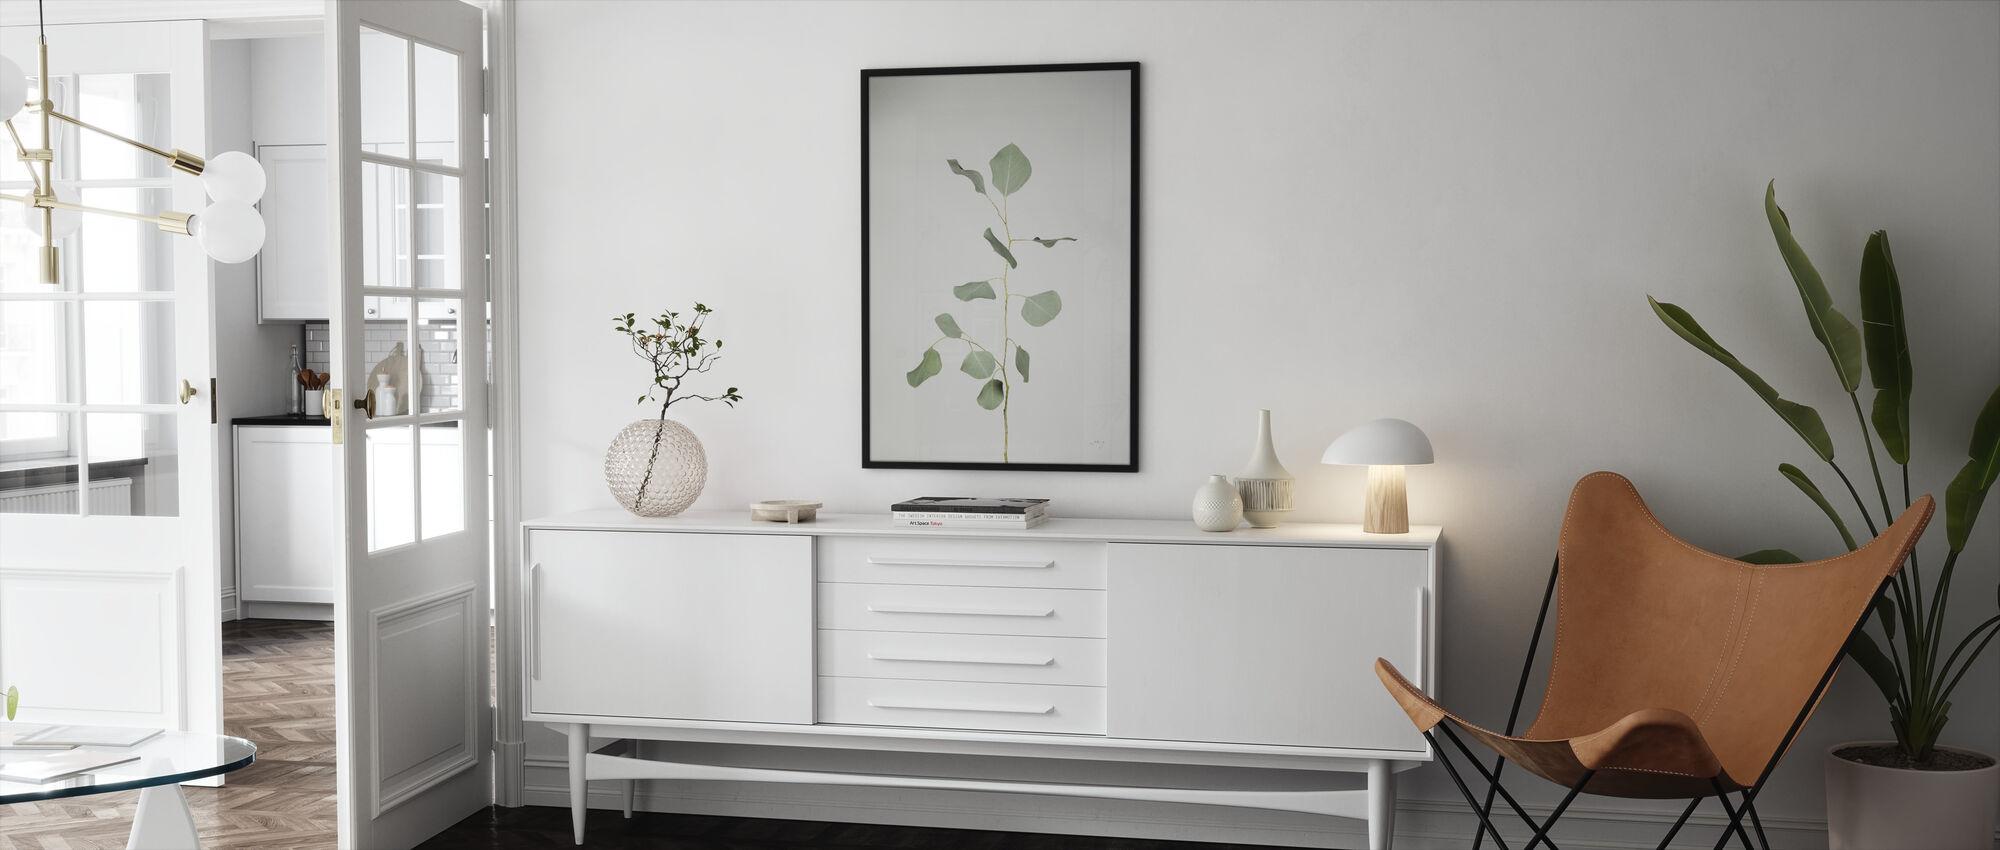 Simple Stems I - Framed print - Living Room